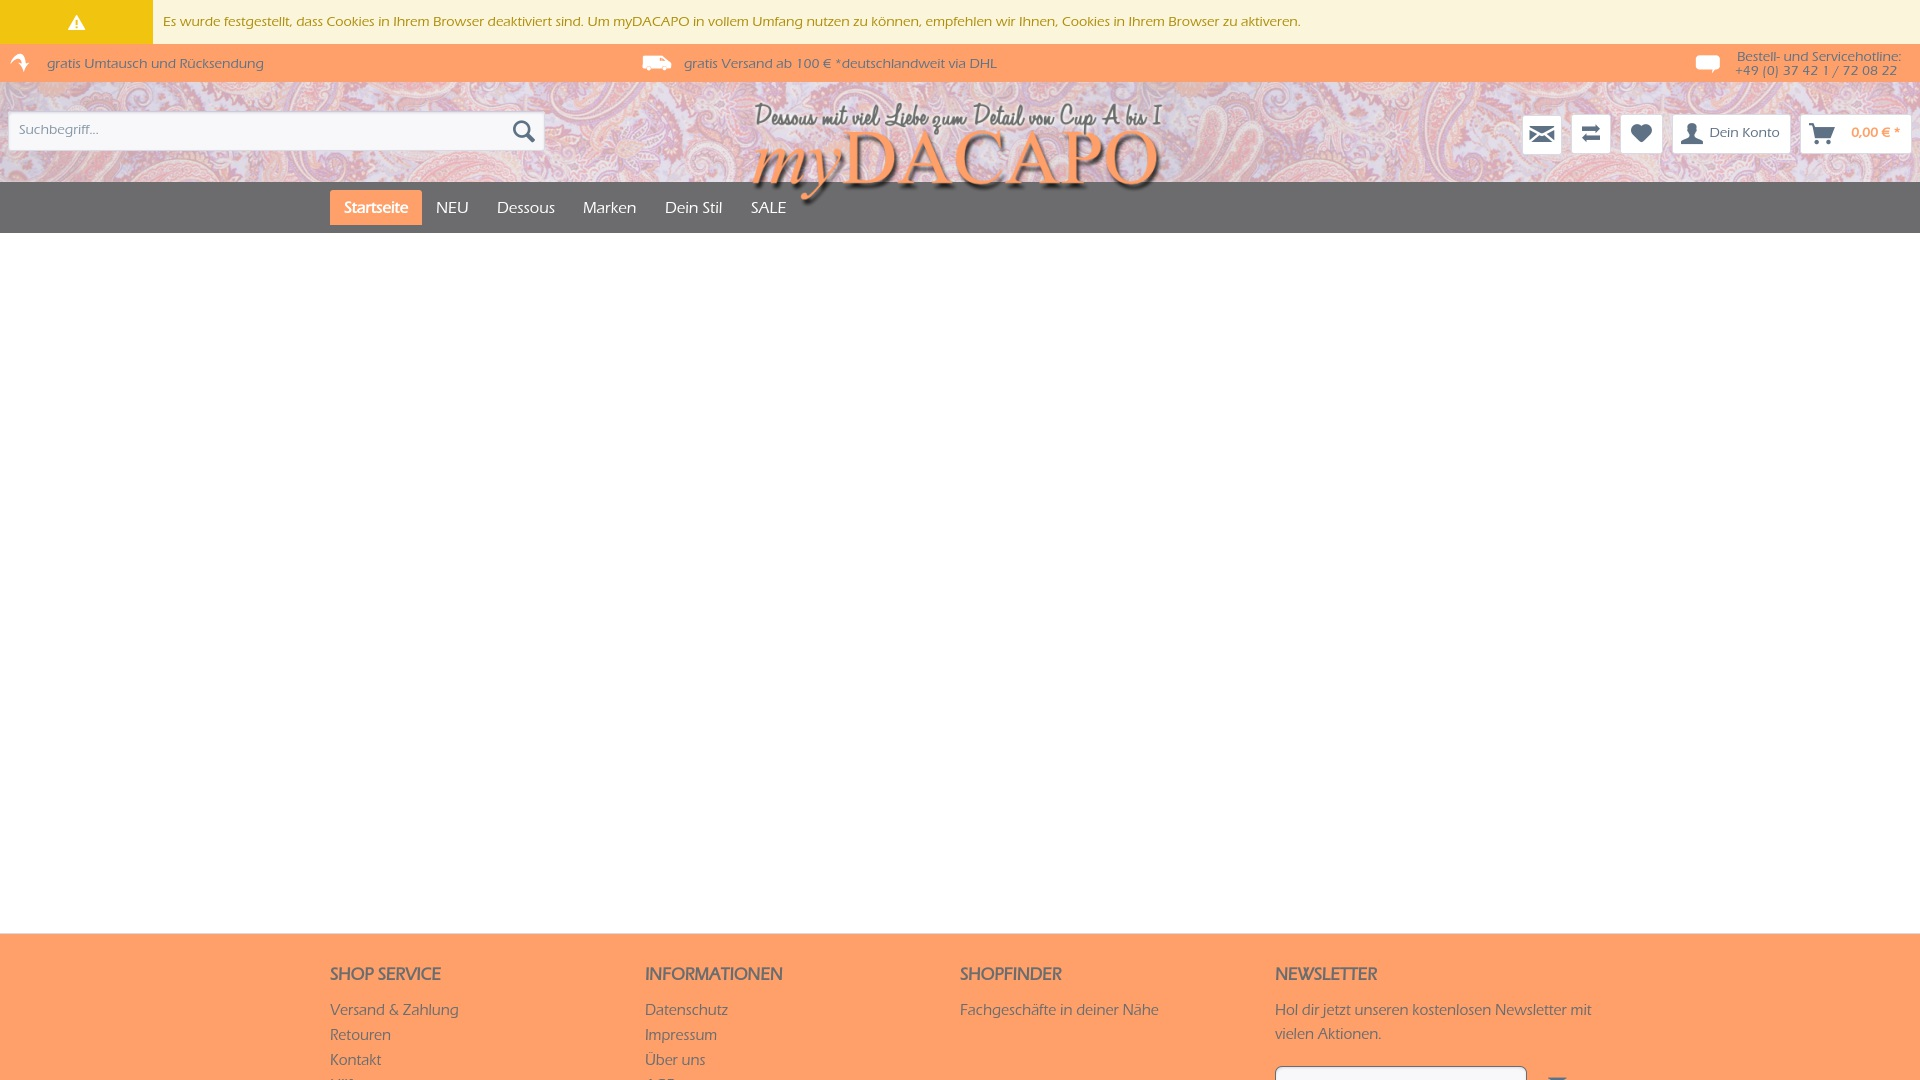 Gutschein für Mydacapo: Rabatte für  Mydacapo sichern